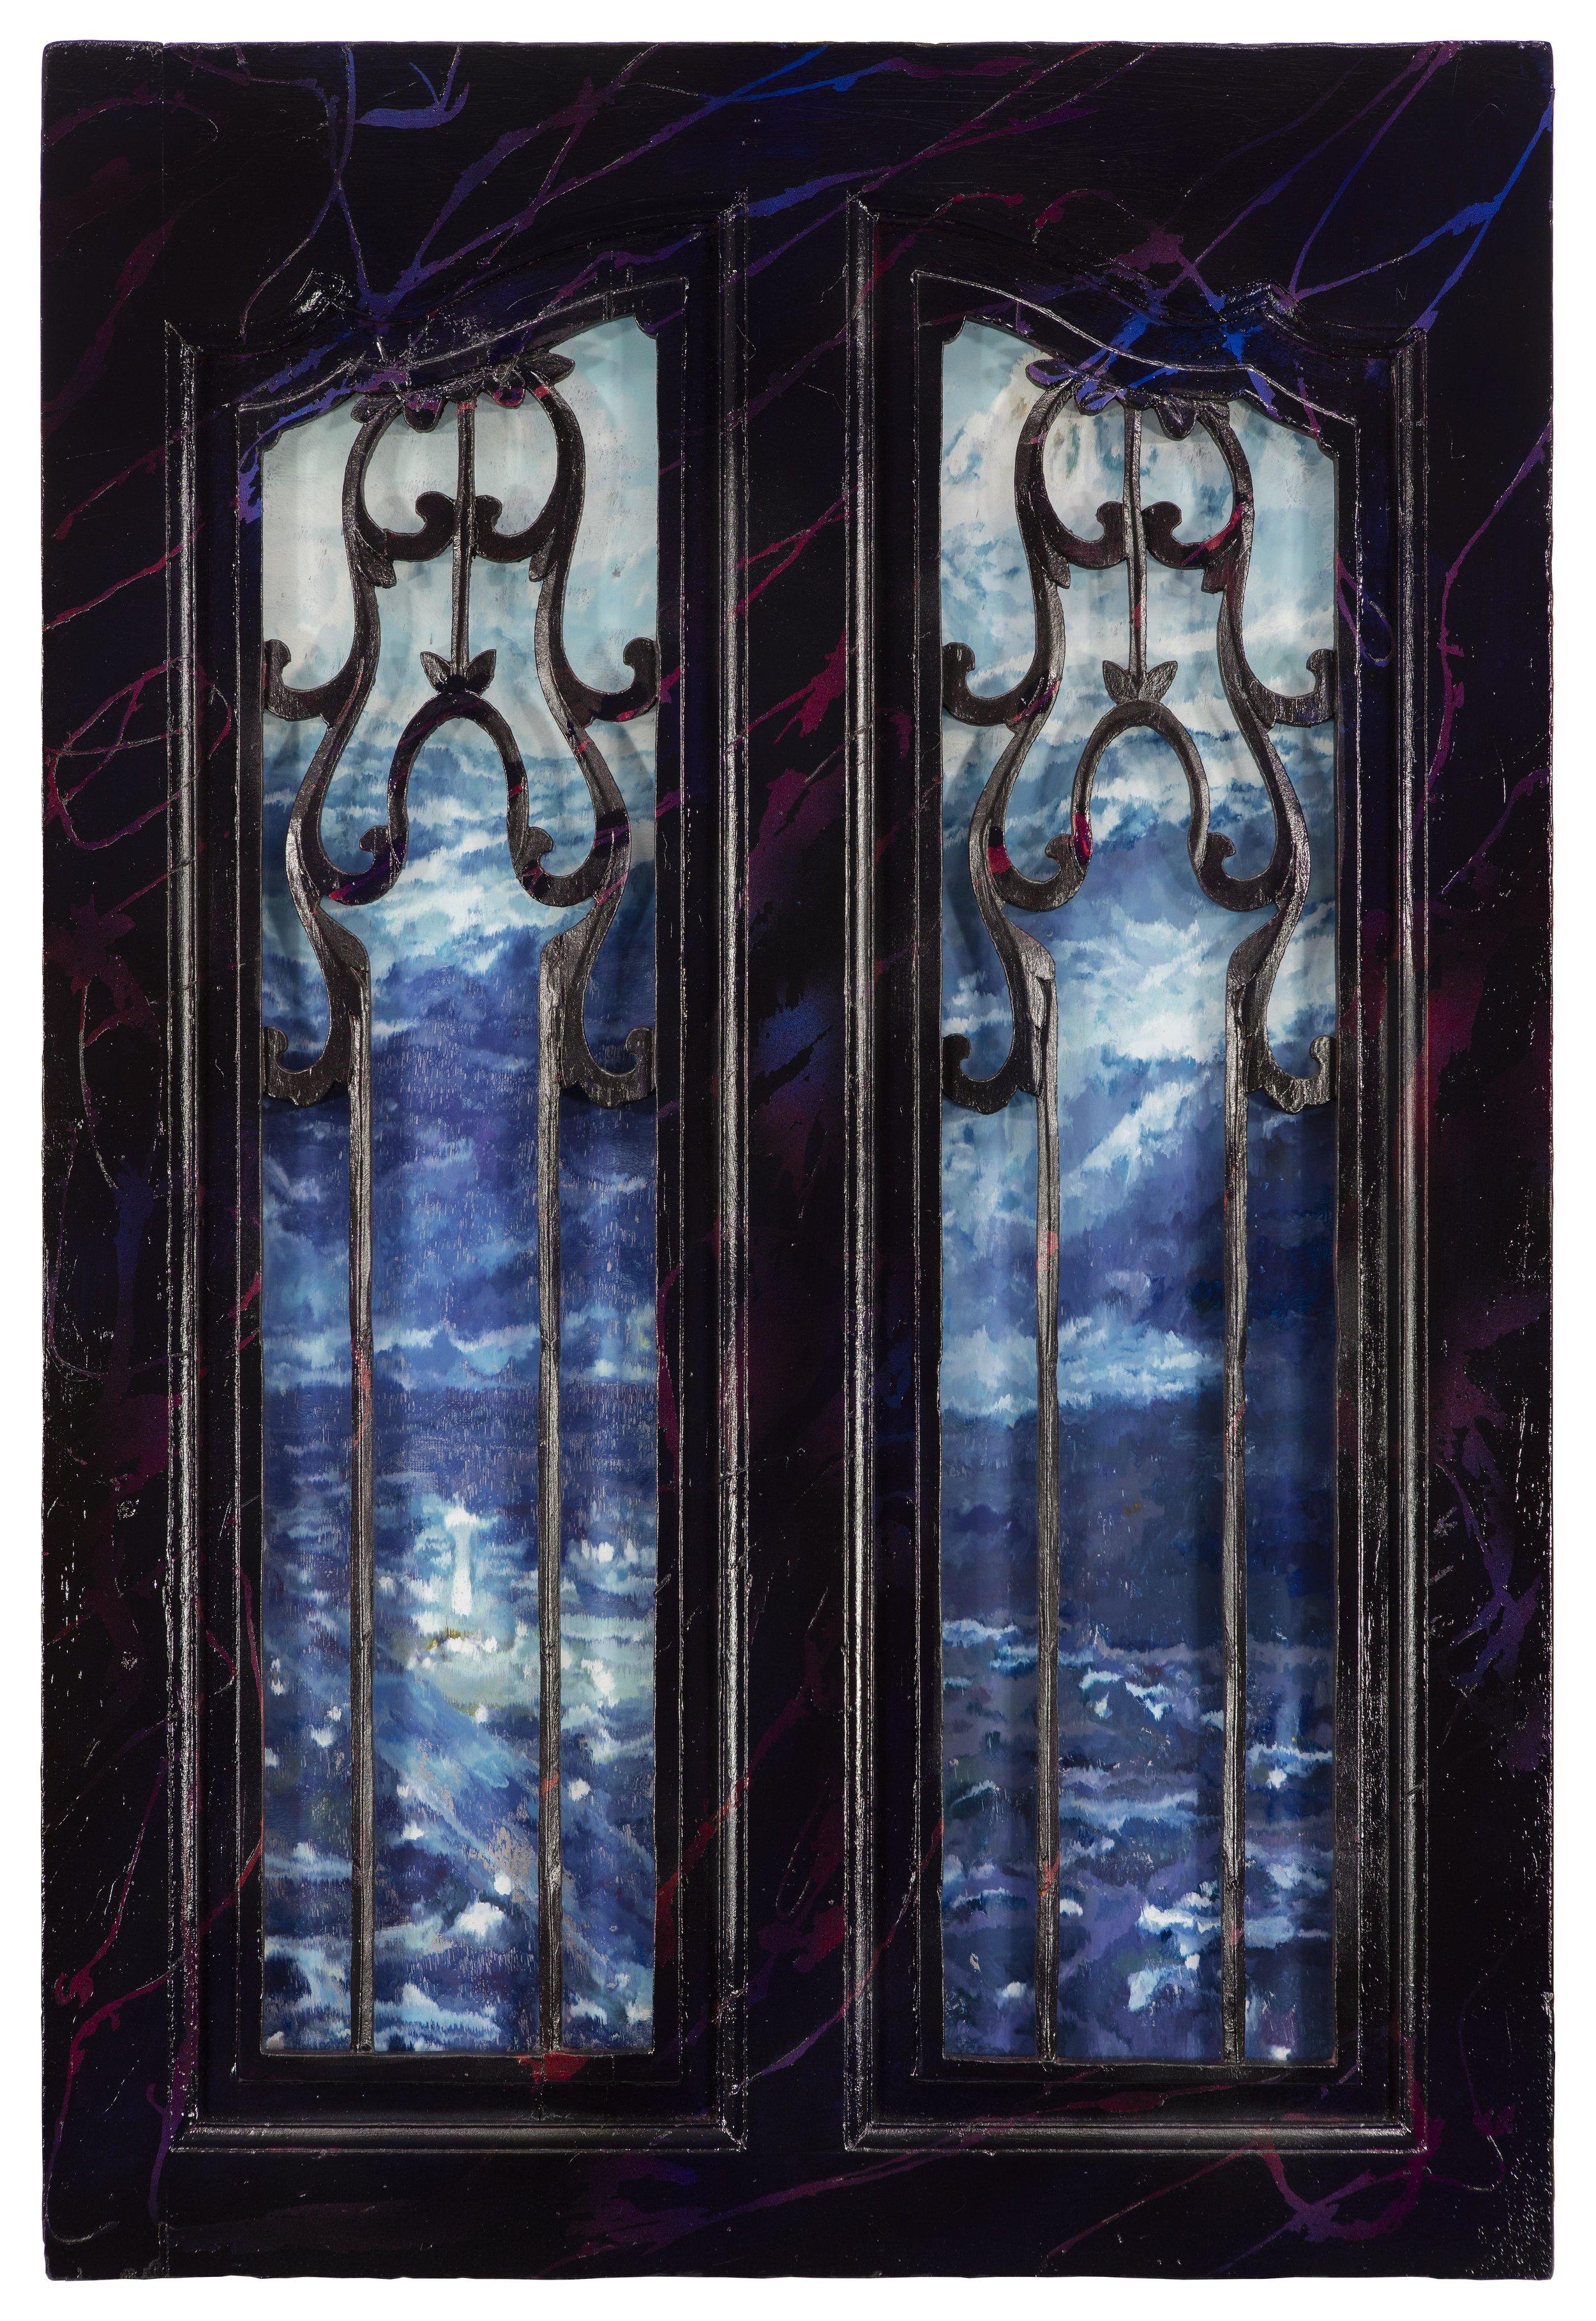 李青 Li Qing | 窗·海啸 Window · Tsunami 木、油彩、有机玻璃、丙烯、漆、铝塑板 Wood, Oil on Plexiglass, Acrylic, Paint, Aluminium-plastic Panel | 72 x 49 x 3 cm| 2017.jpg